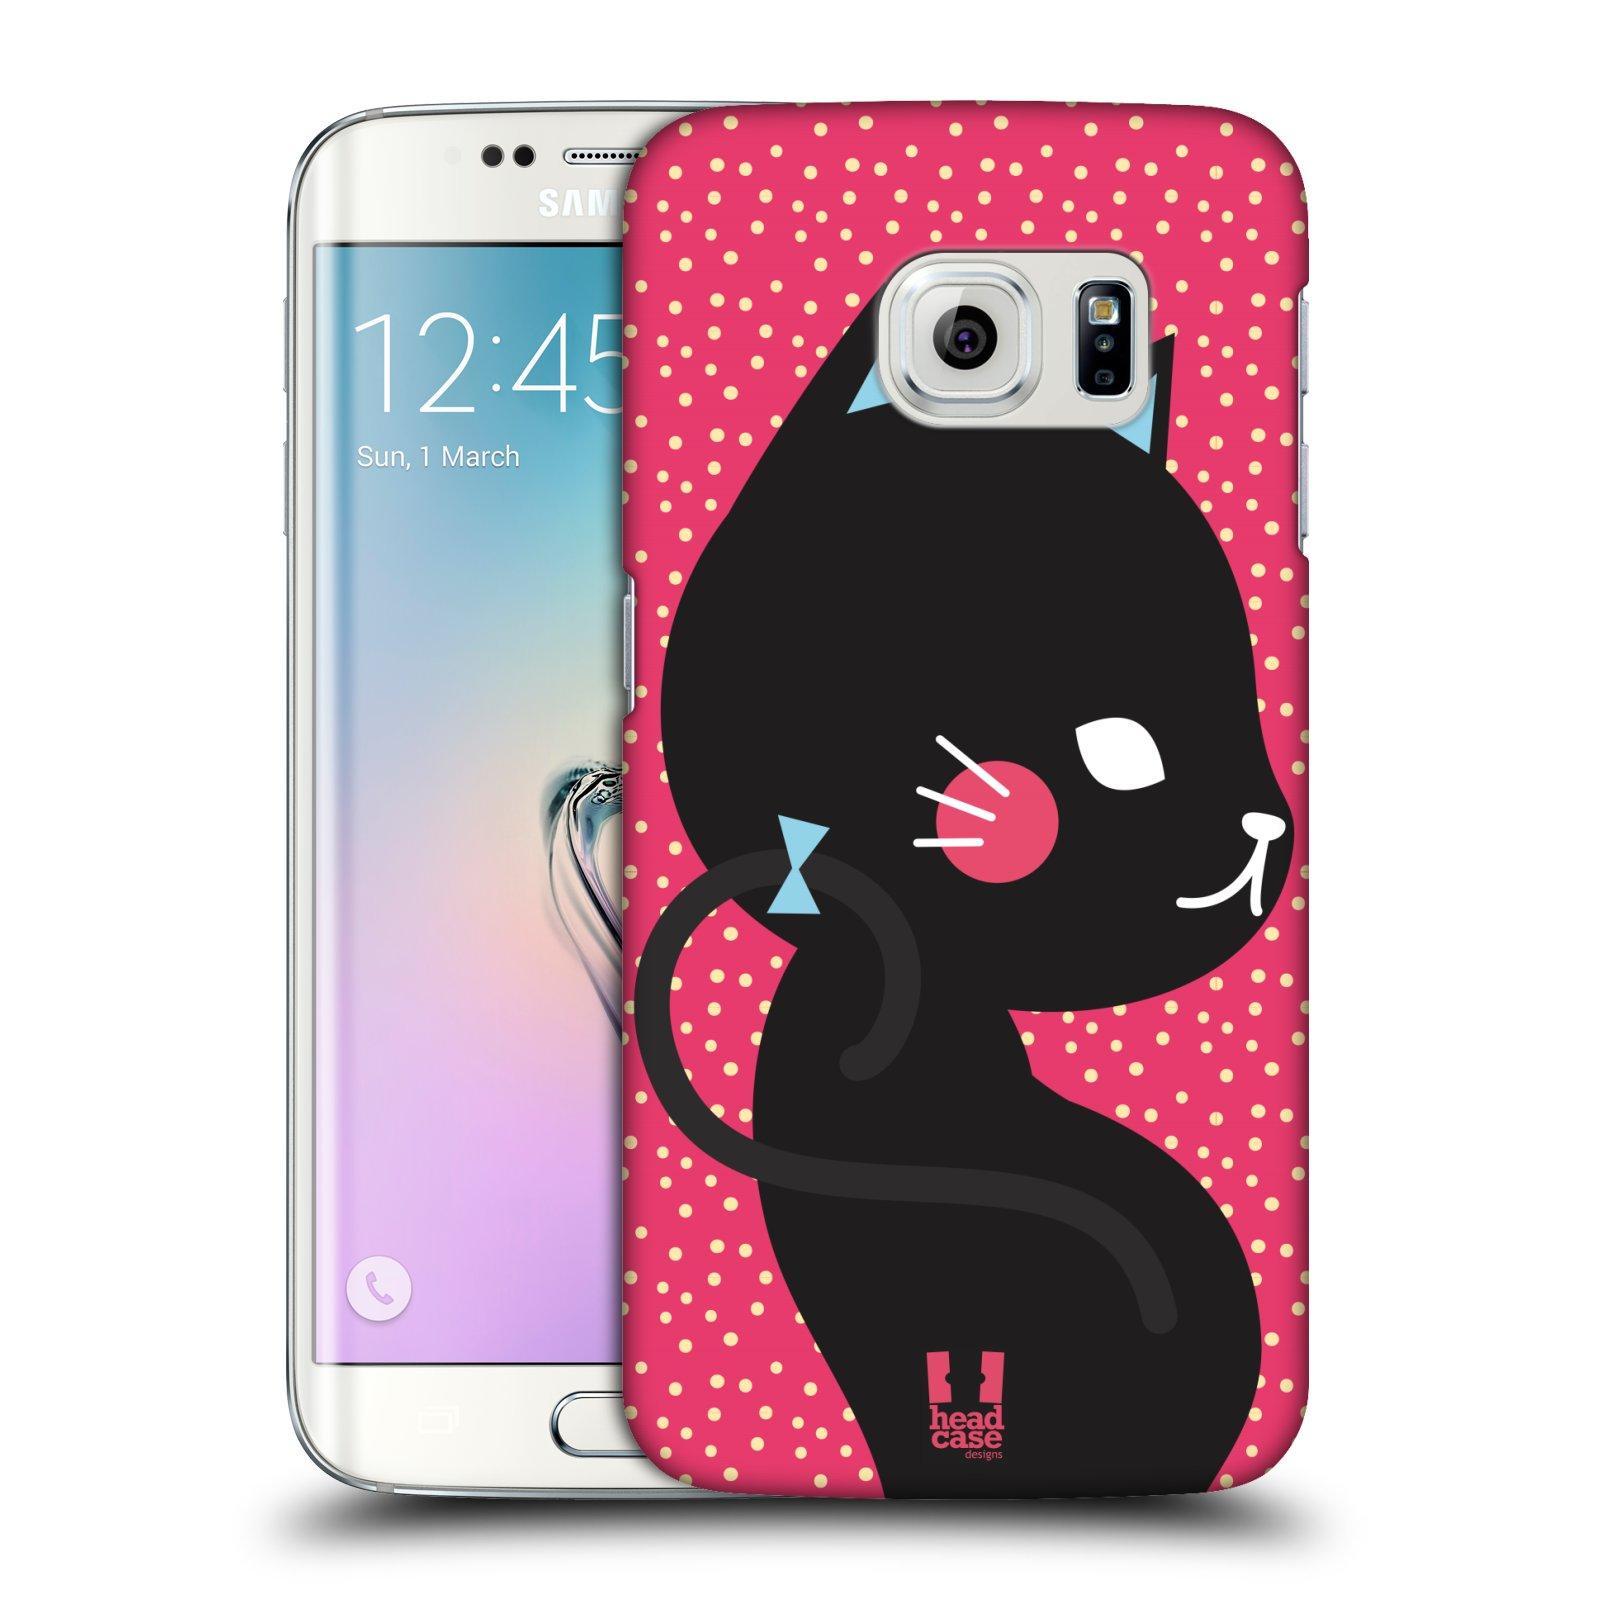 Plastové pouzdro na mobil Samsung Galaxy S6 Edge HEAD CASE KOČIČKA ČERNÁ NA RŮŽOVÉ (Kryt či obal na mobilní telefon Samsung Galaxy S6 Edge SM-G925F)